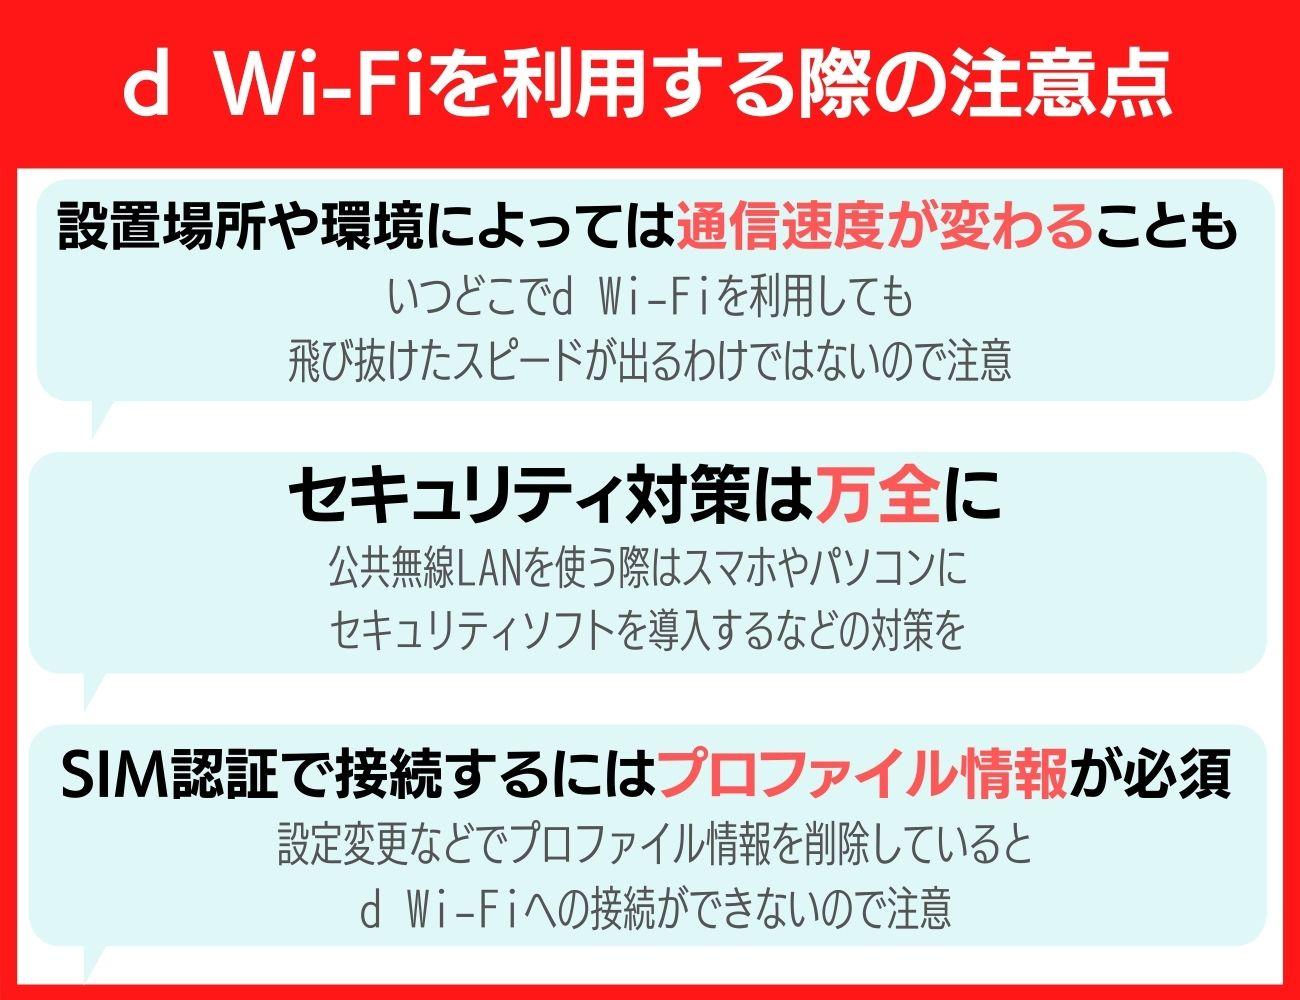 d Wi-Fiを利用する際の注意点